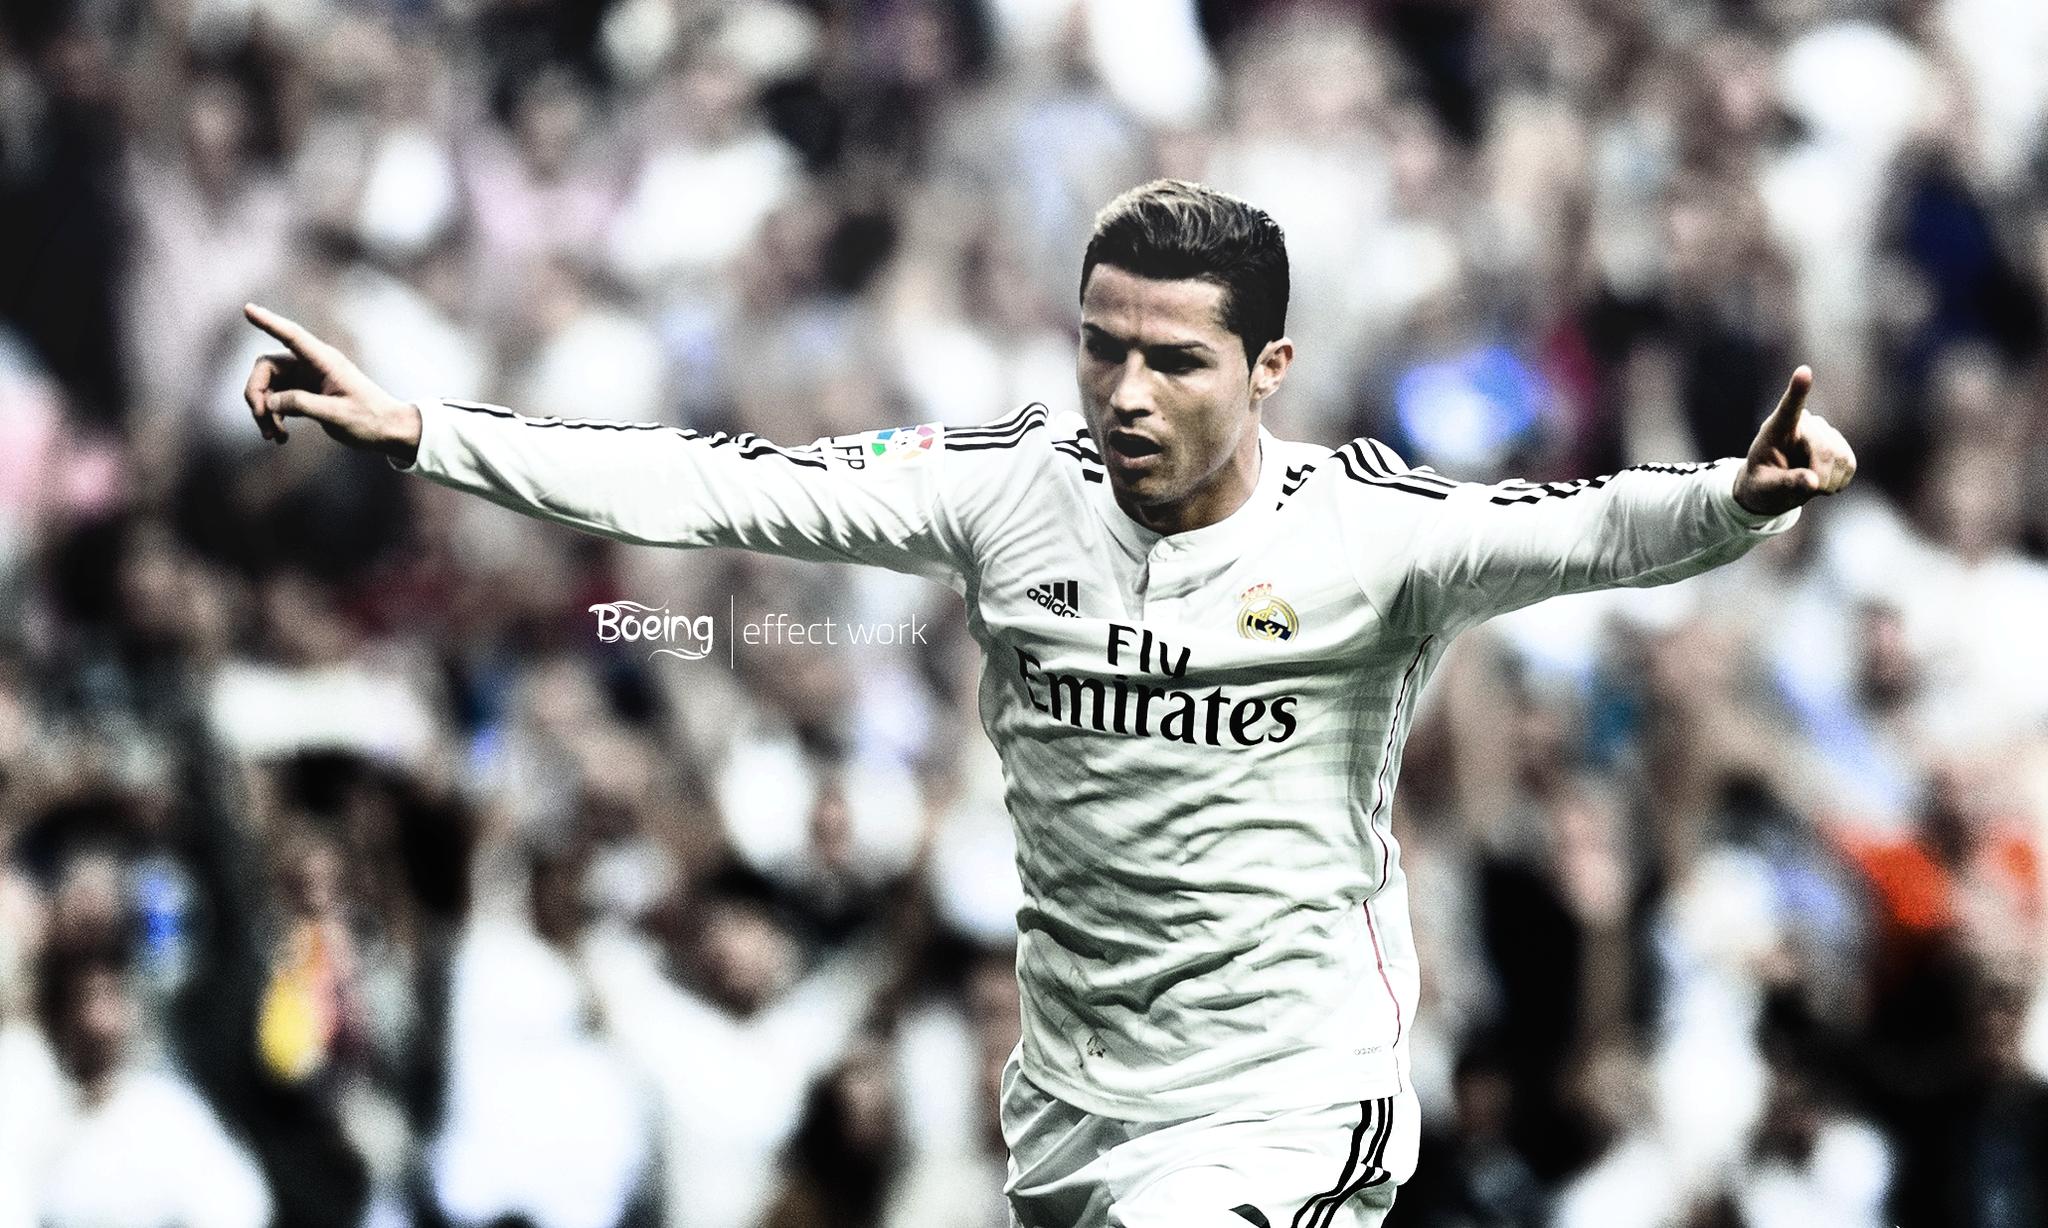 Fondos De Pantalla De Cristiano Ronaldo: Fondos De Pantalla : Real Madrid, Cristiano Ronaldo